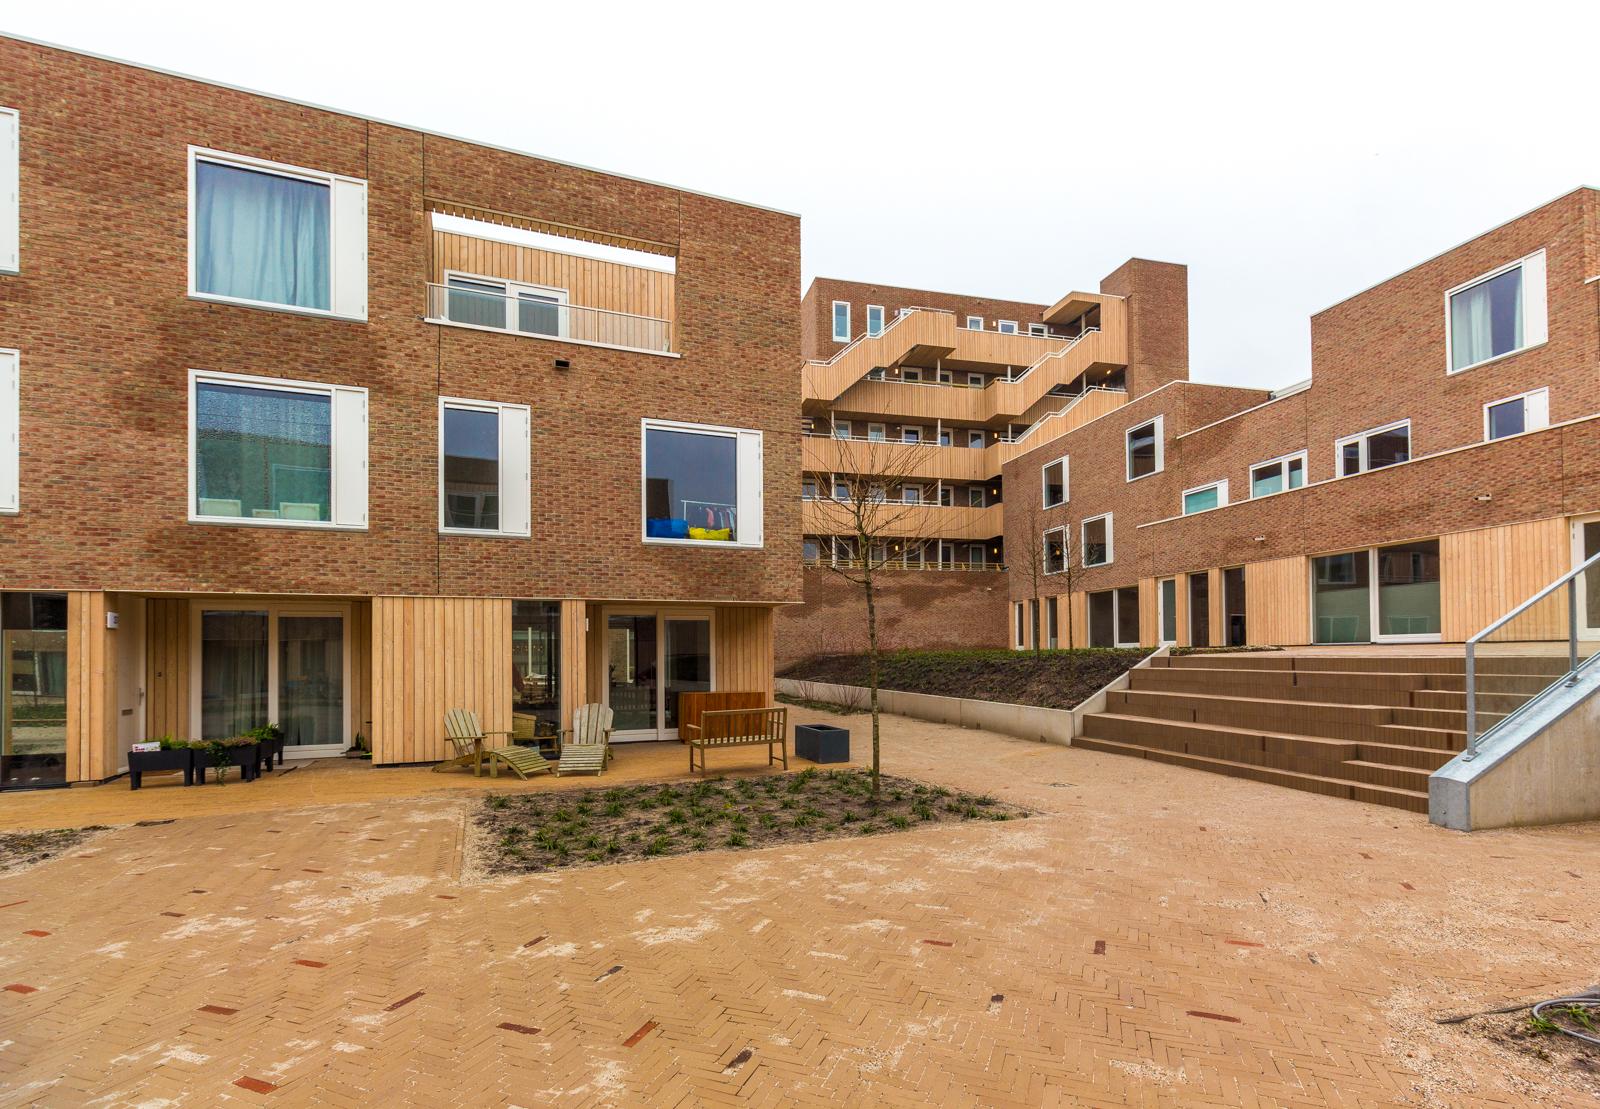 Lunettenhof_Groningen-6631